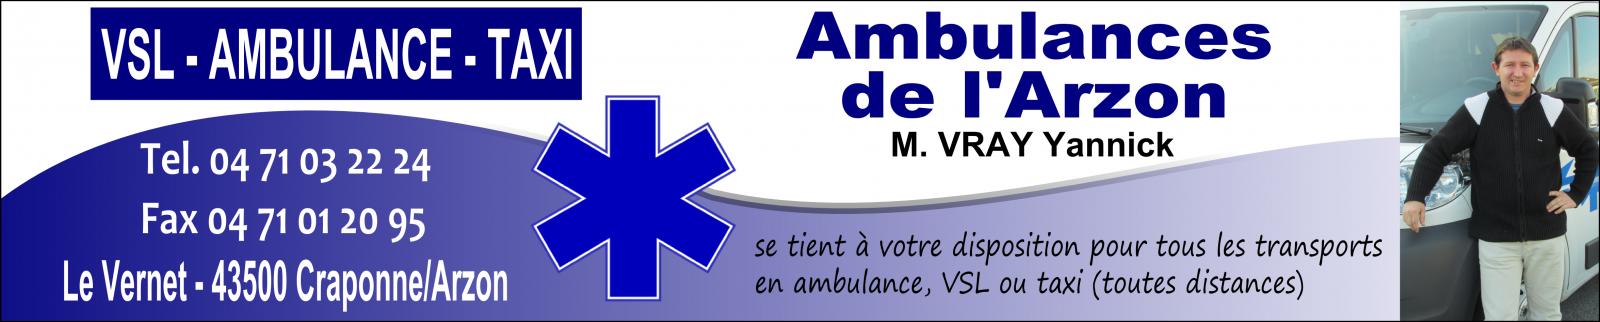 Ambulances de l'Arzon